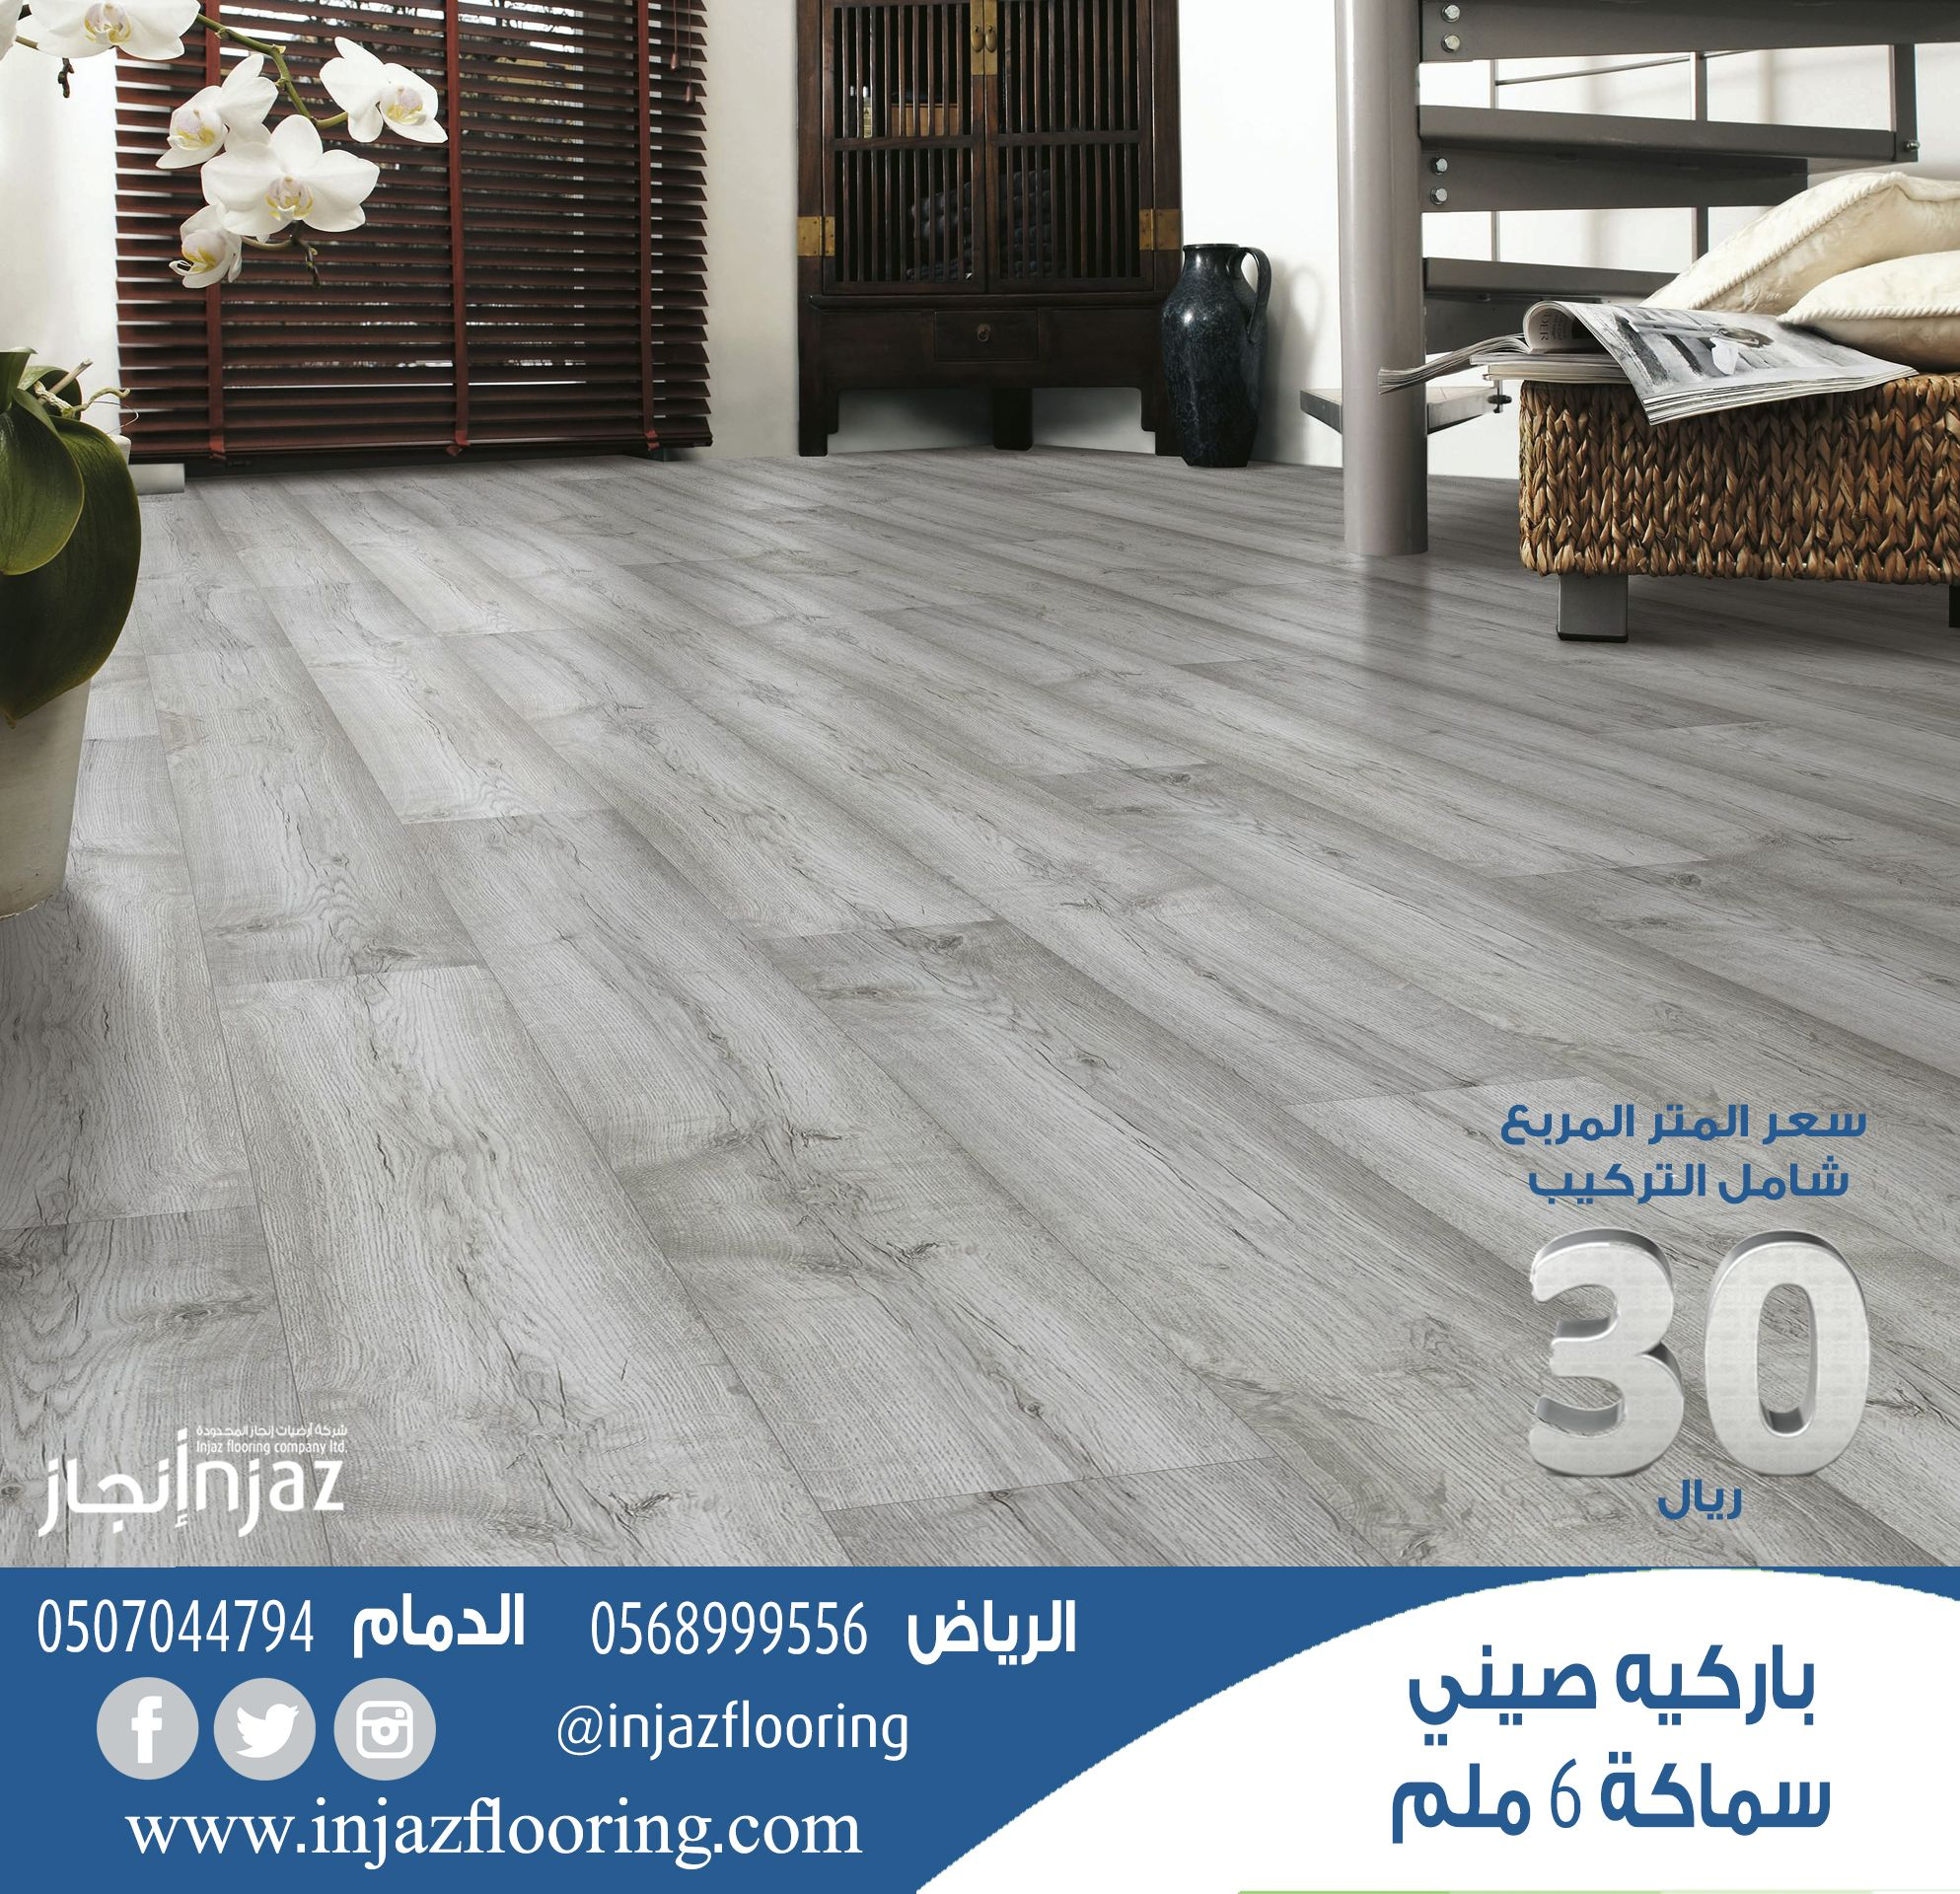 باركيه سعر المتر 30 ريال Flooring Tile Floor Crafts